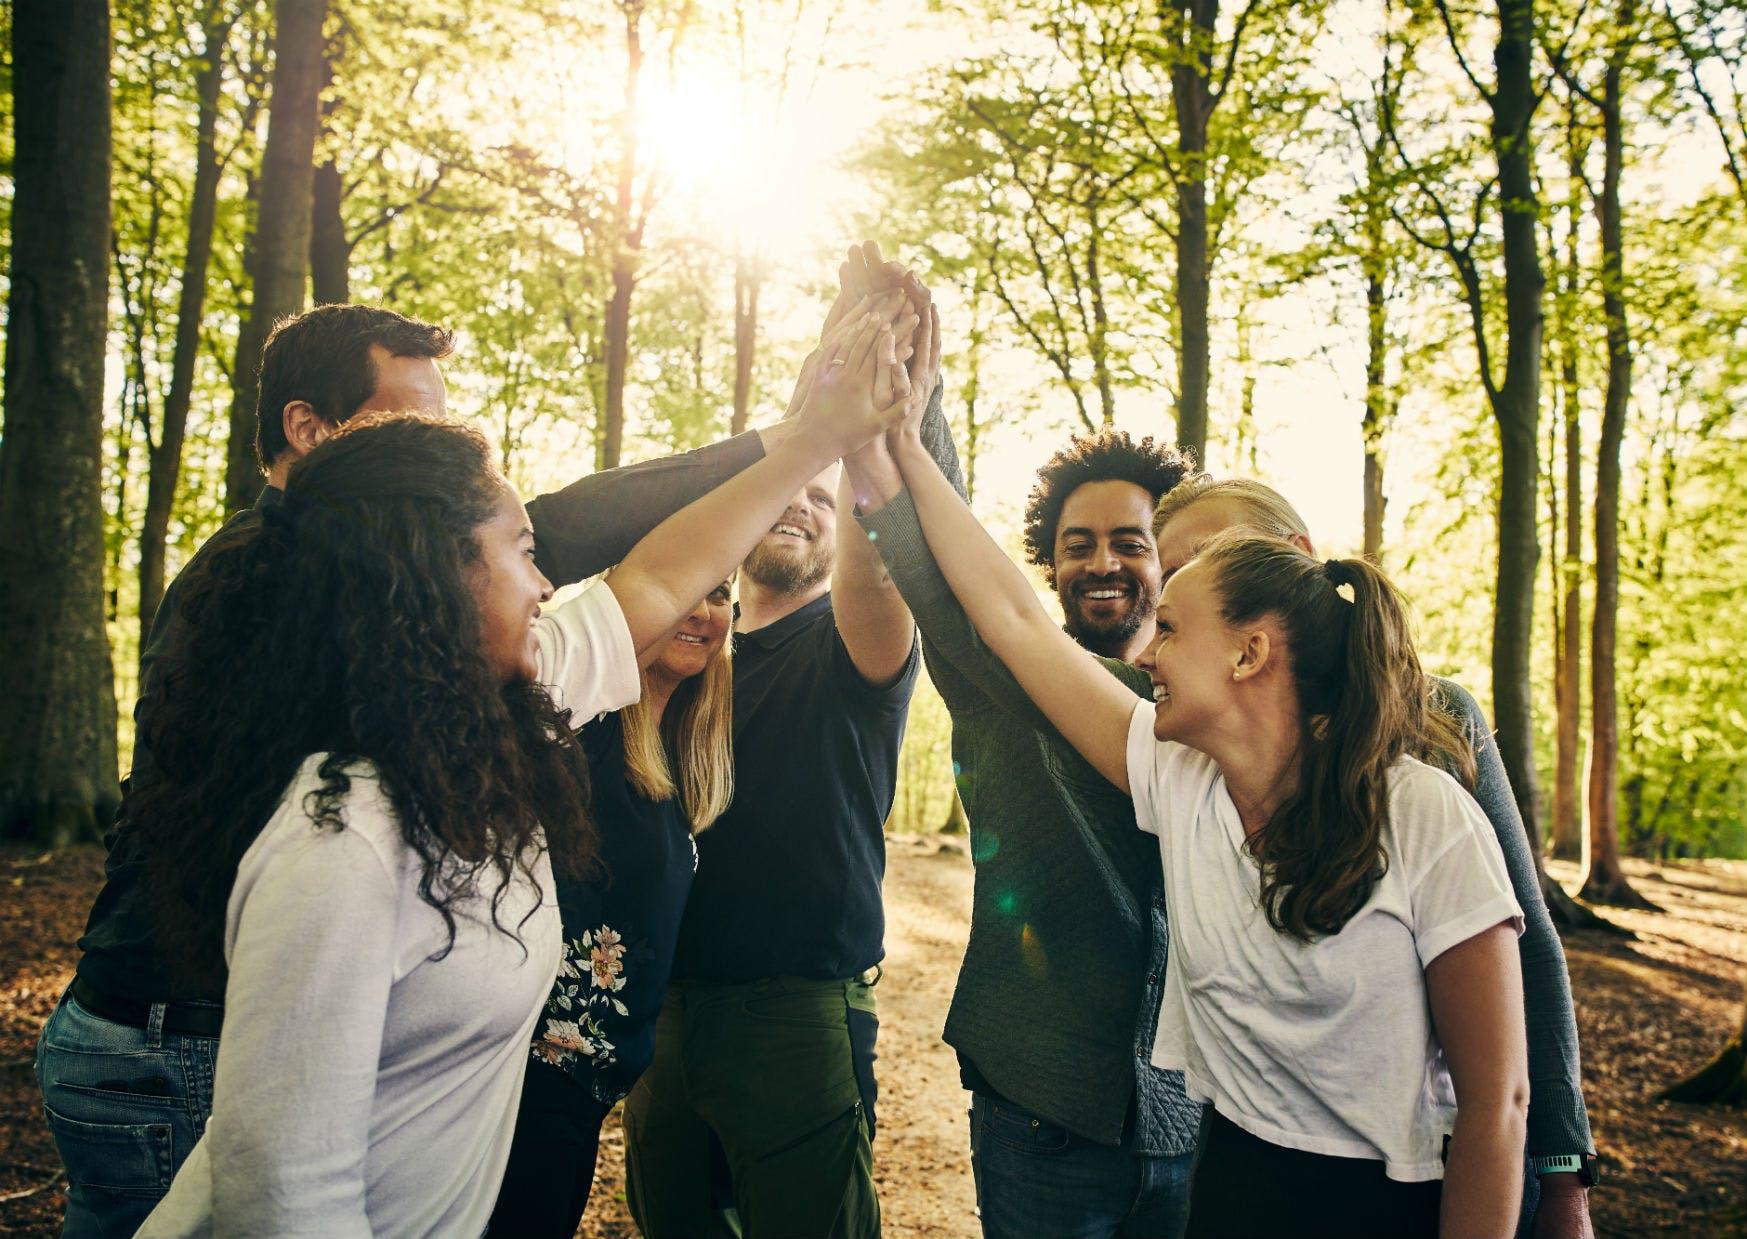 Gruppe a 7 personer giver hinanden high five under teambuilding på Sjælland